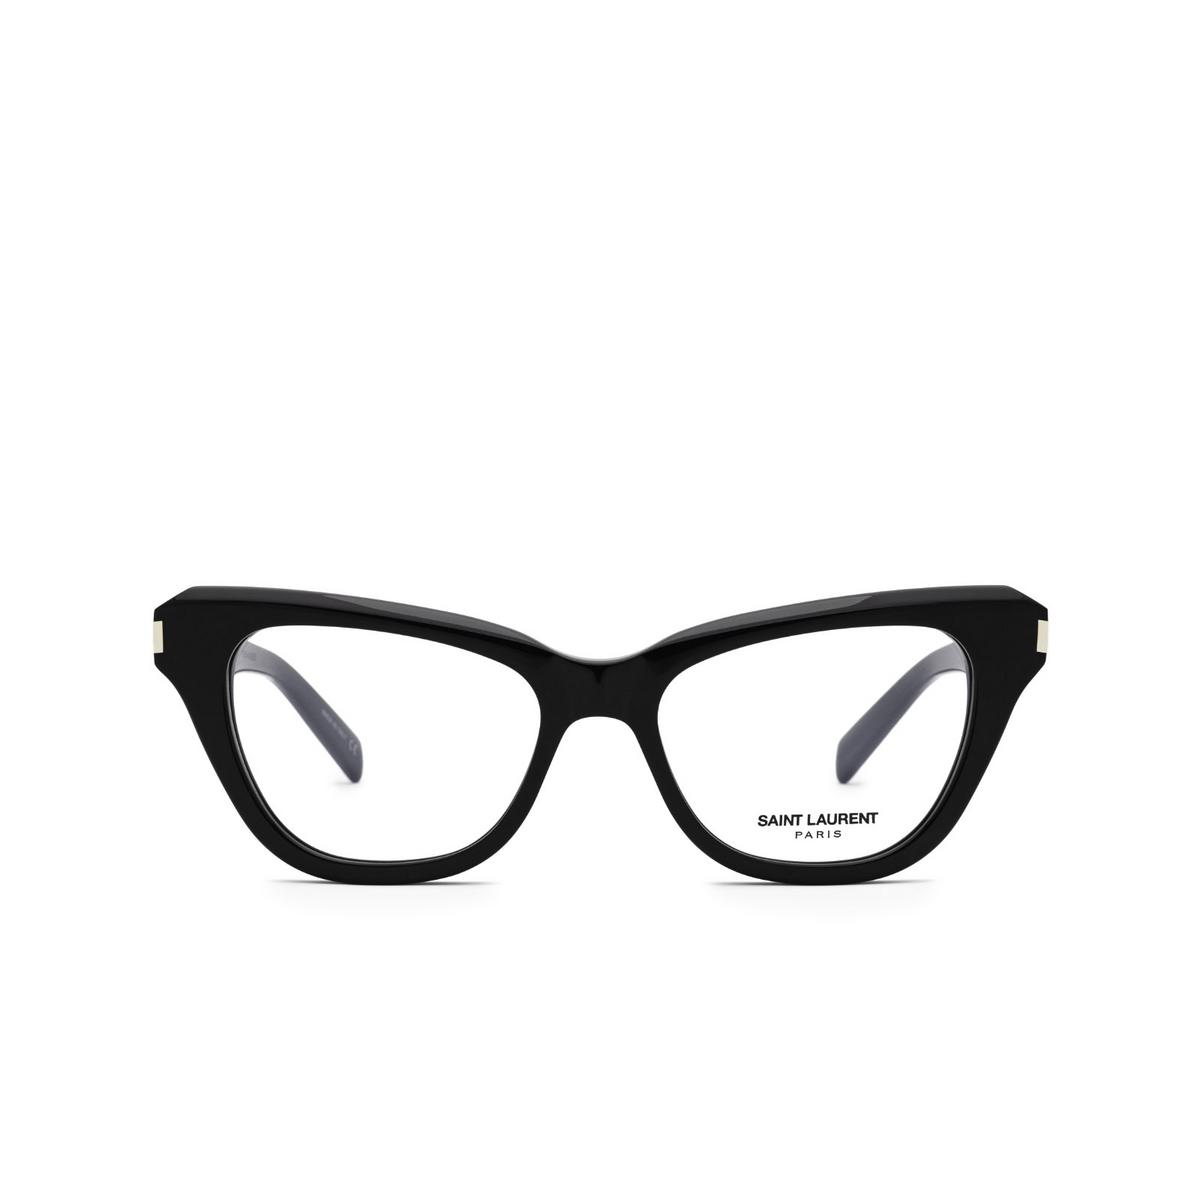 Saint Laurent® Cat-eye Eyeglasses: SL 472 color Black 001 - front view.